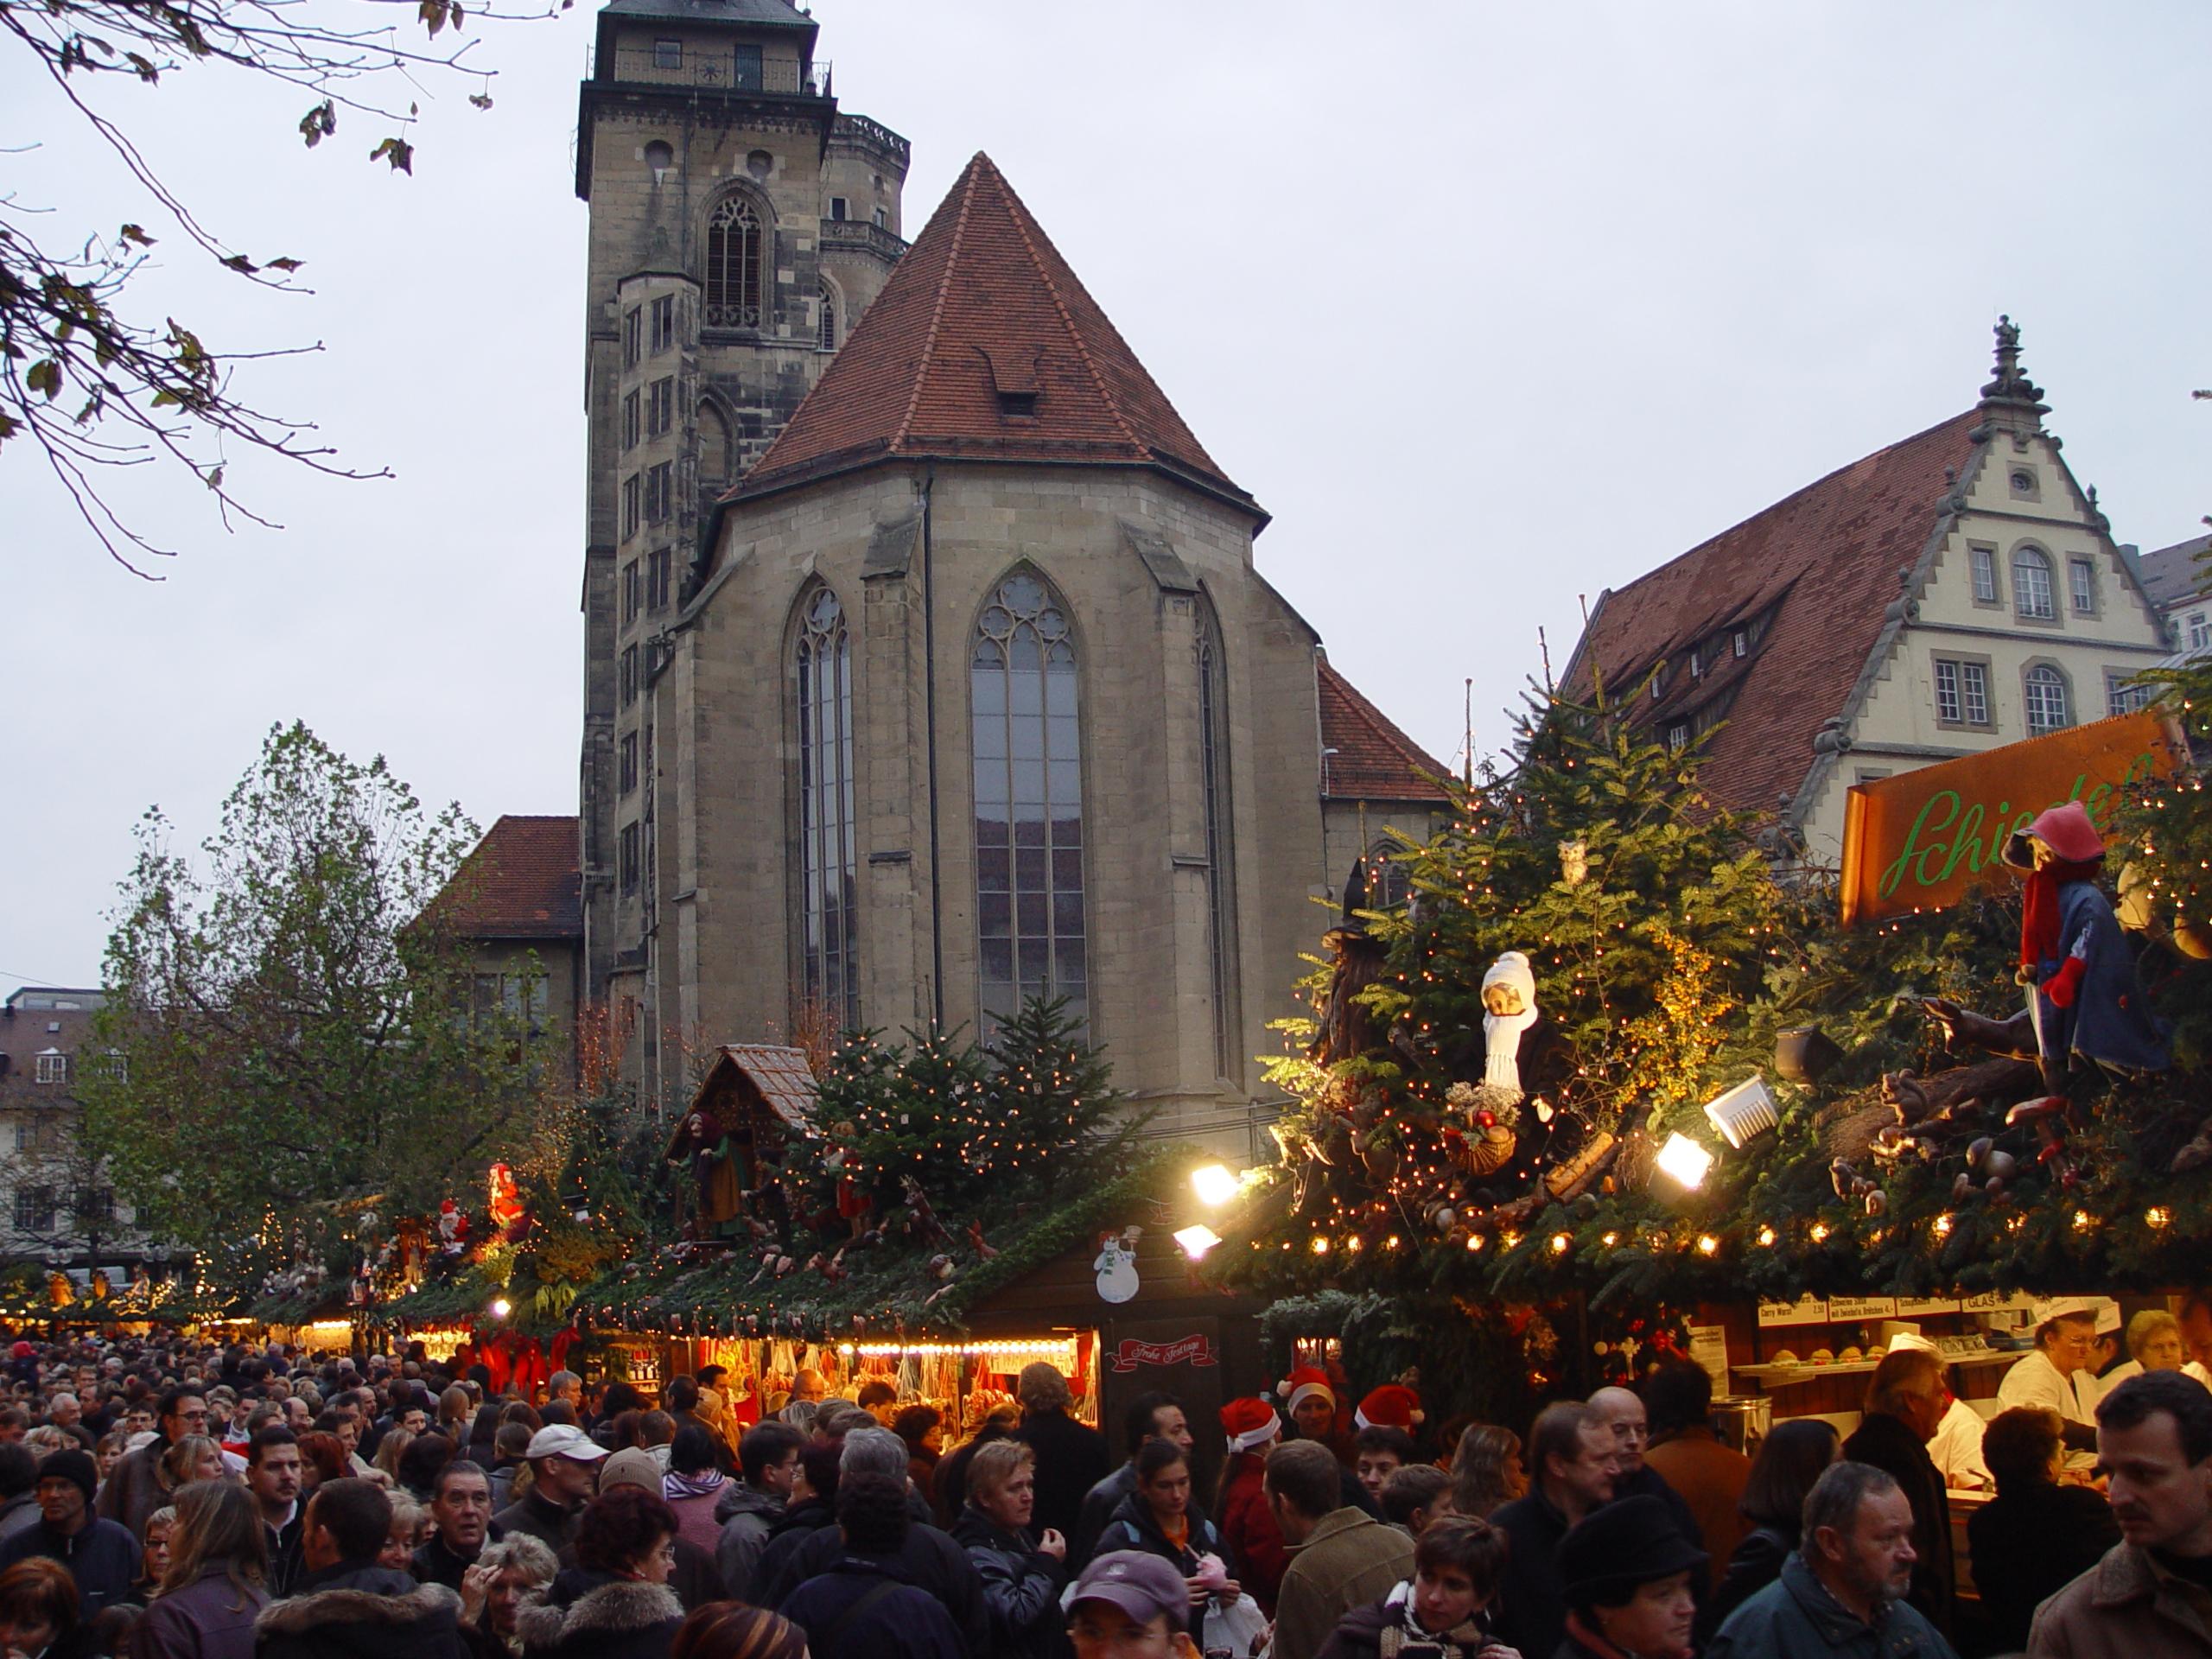 Eröffnung Weihnachtsmarkt Stuttgart 2019.Stuttgarter Weihnachtsmarkt Wikipedia